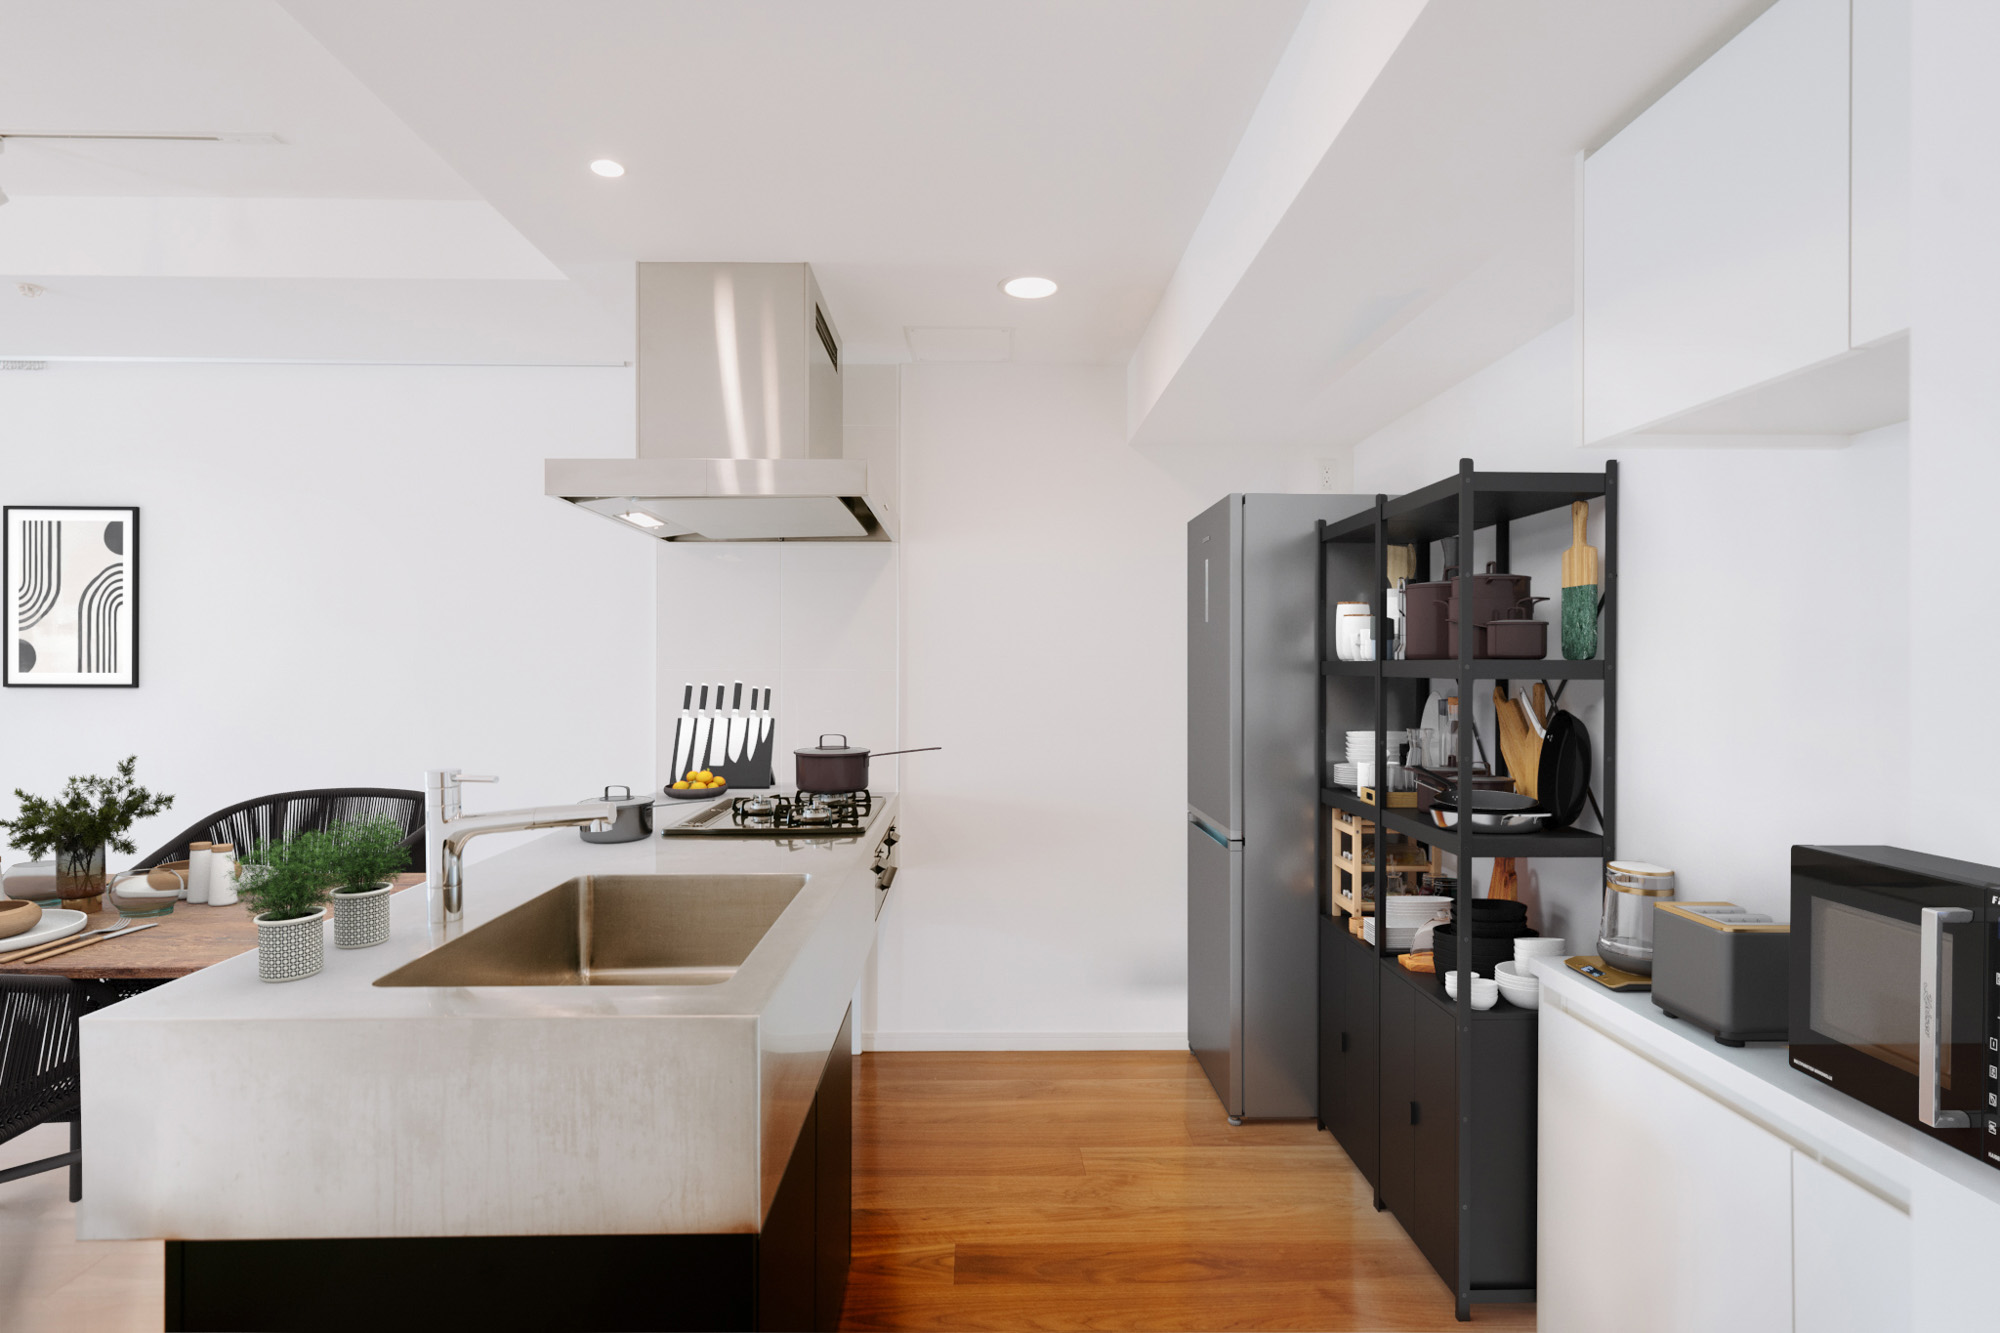 背面にも十分なスペースがあるので、自分の好きな収納や、キッチン家電を置いて使えそうです。